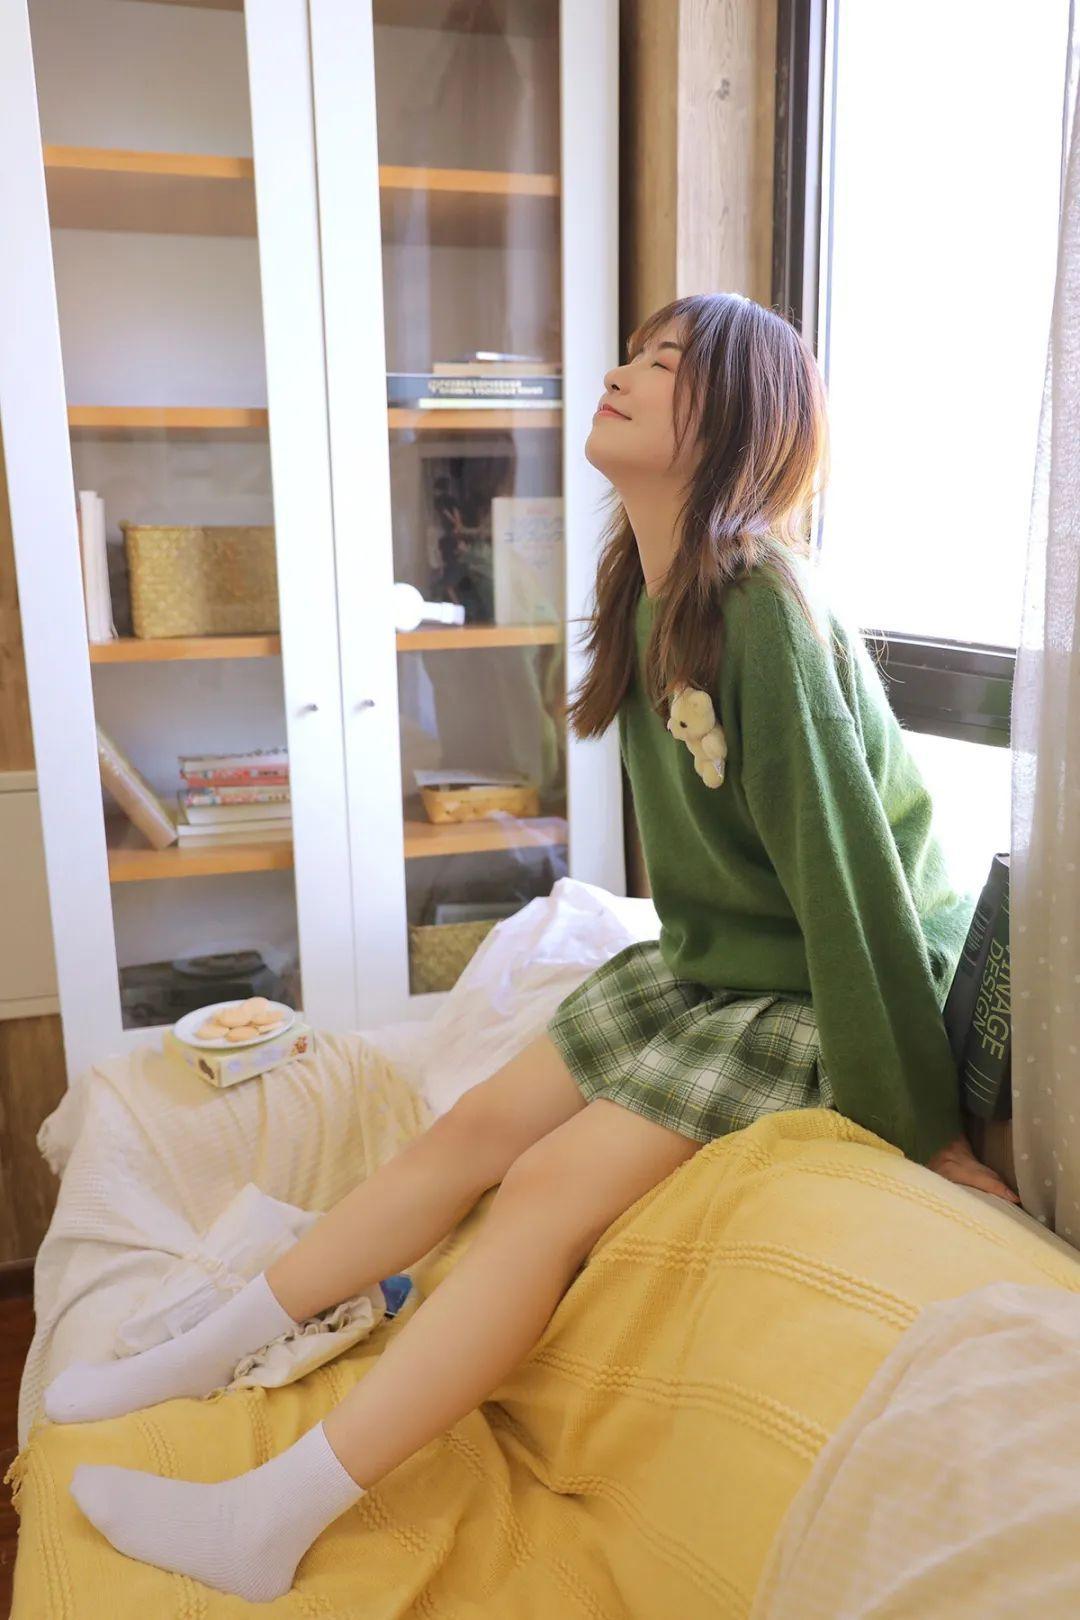 妹子摄影 – 甜美迷人短裙毛衣 美腿少女_图片 No.3